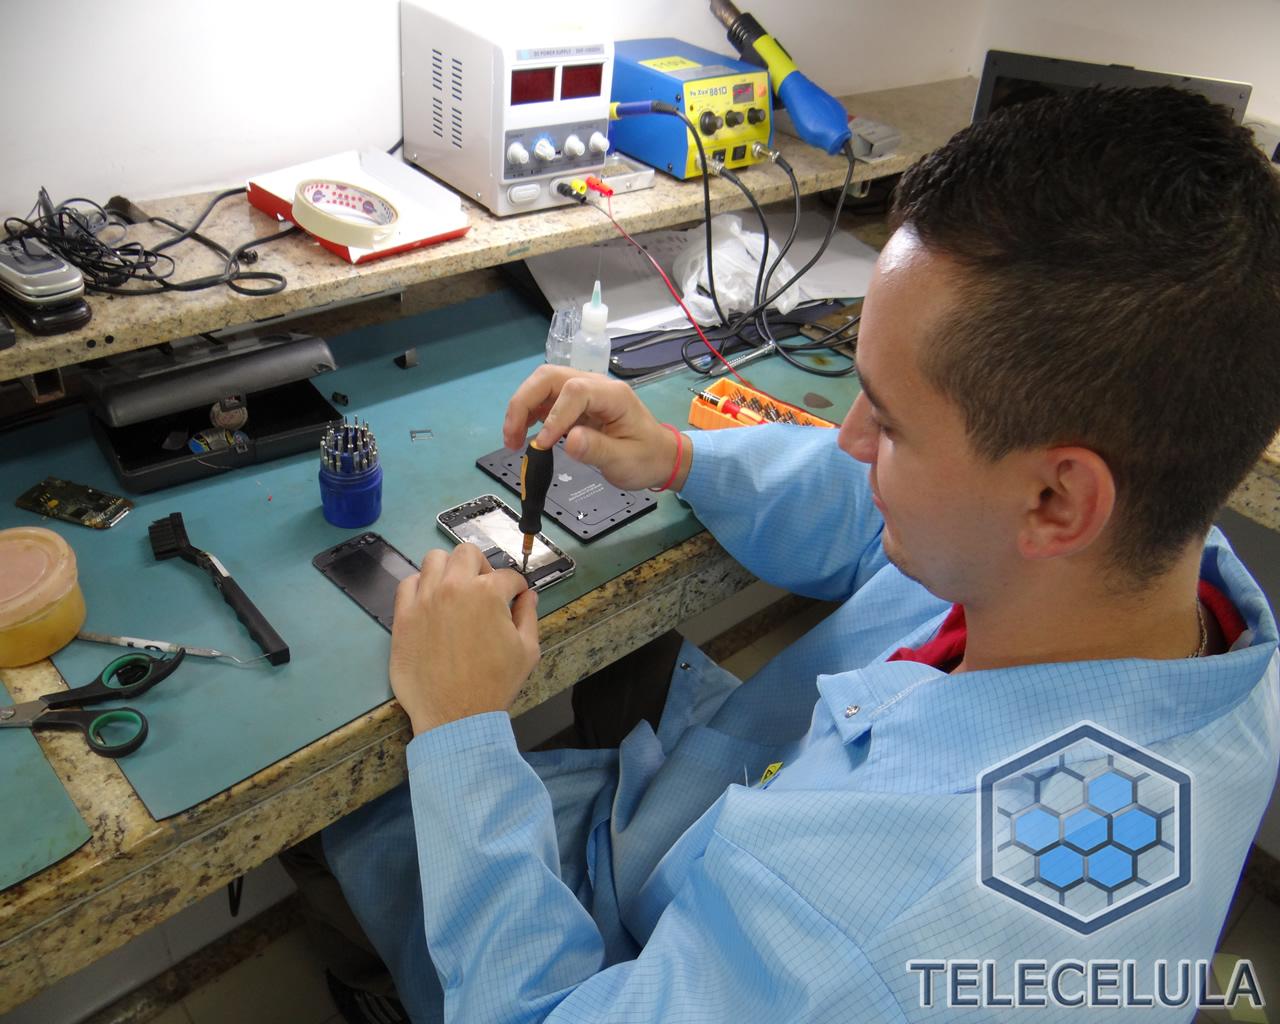 Fotos Treinamento Telecelula Eletrônica Básica e Bancada  #3F6A8C 1280x1024